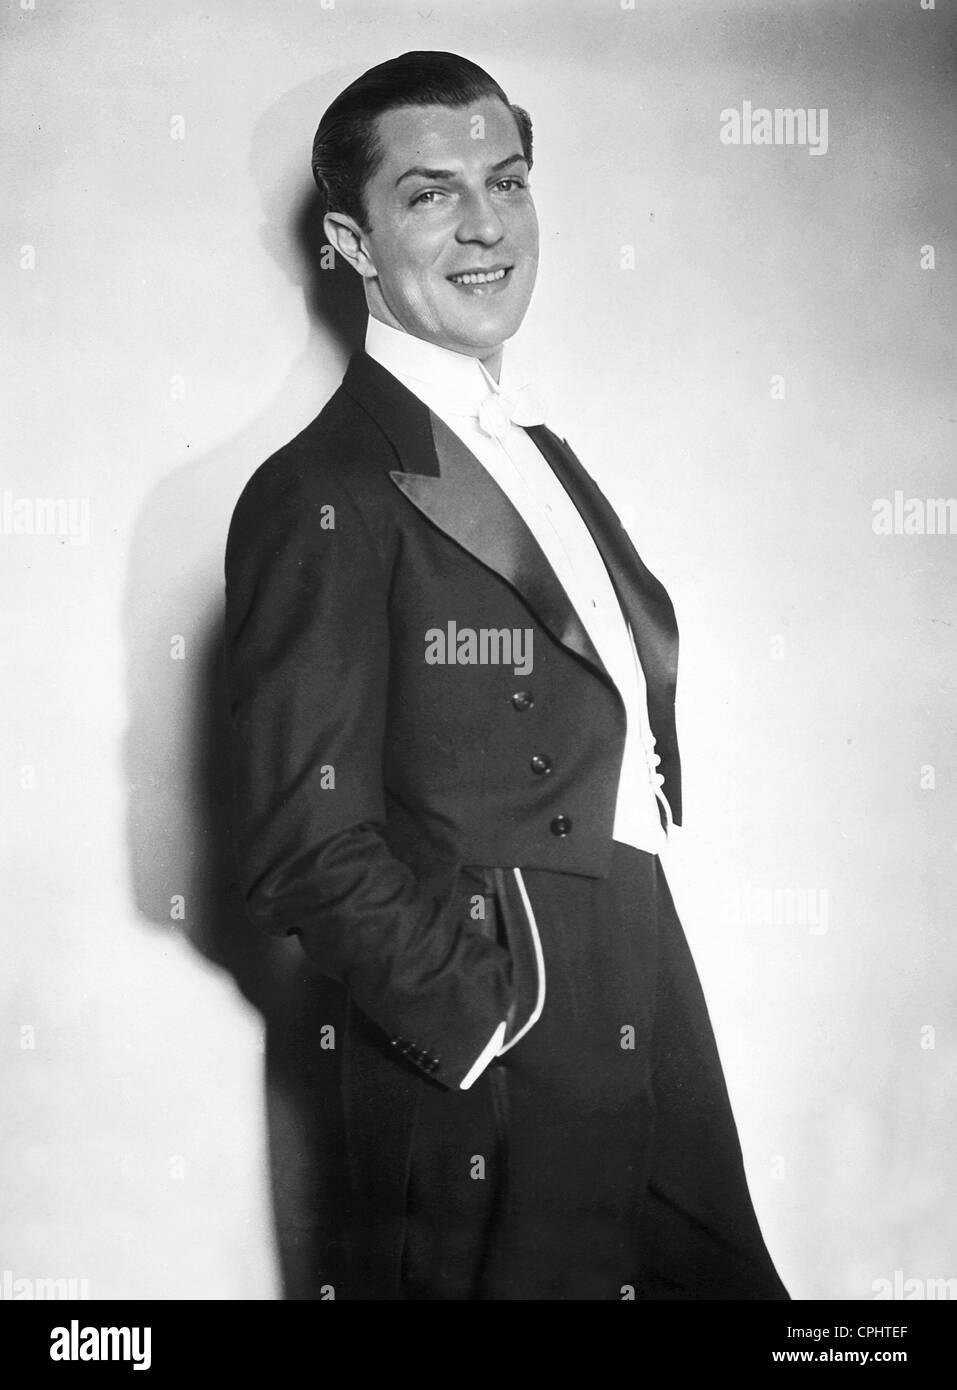 Viktor de Kowa in 'Spiel an Bord', 1936 - Stock Image